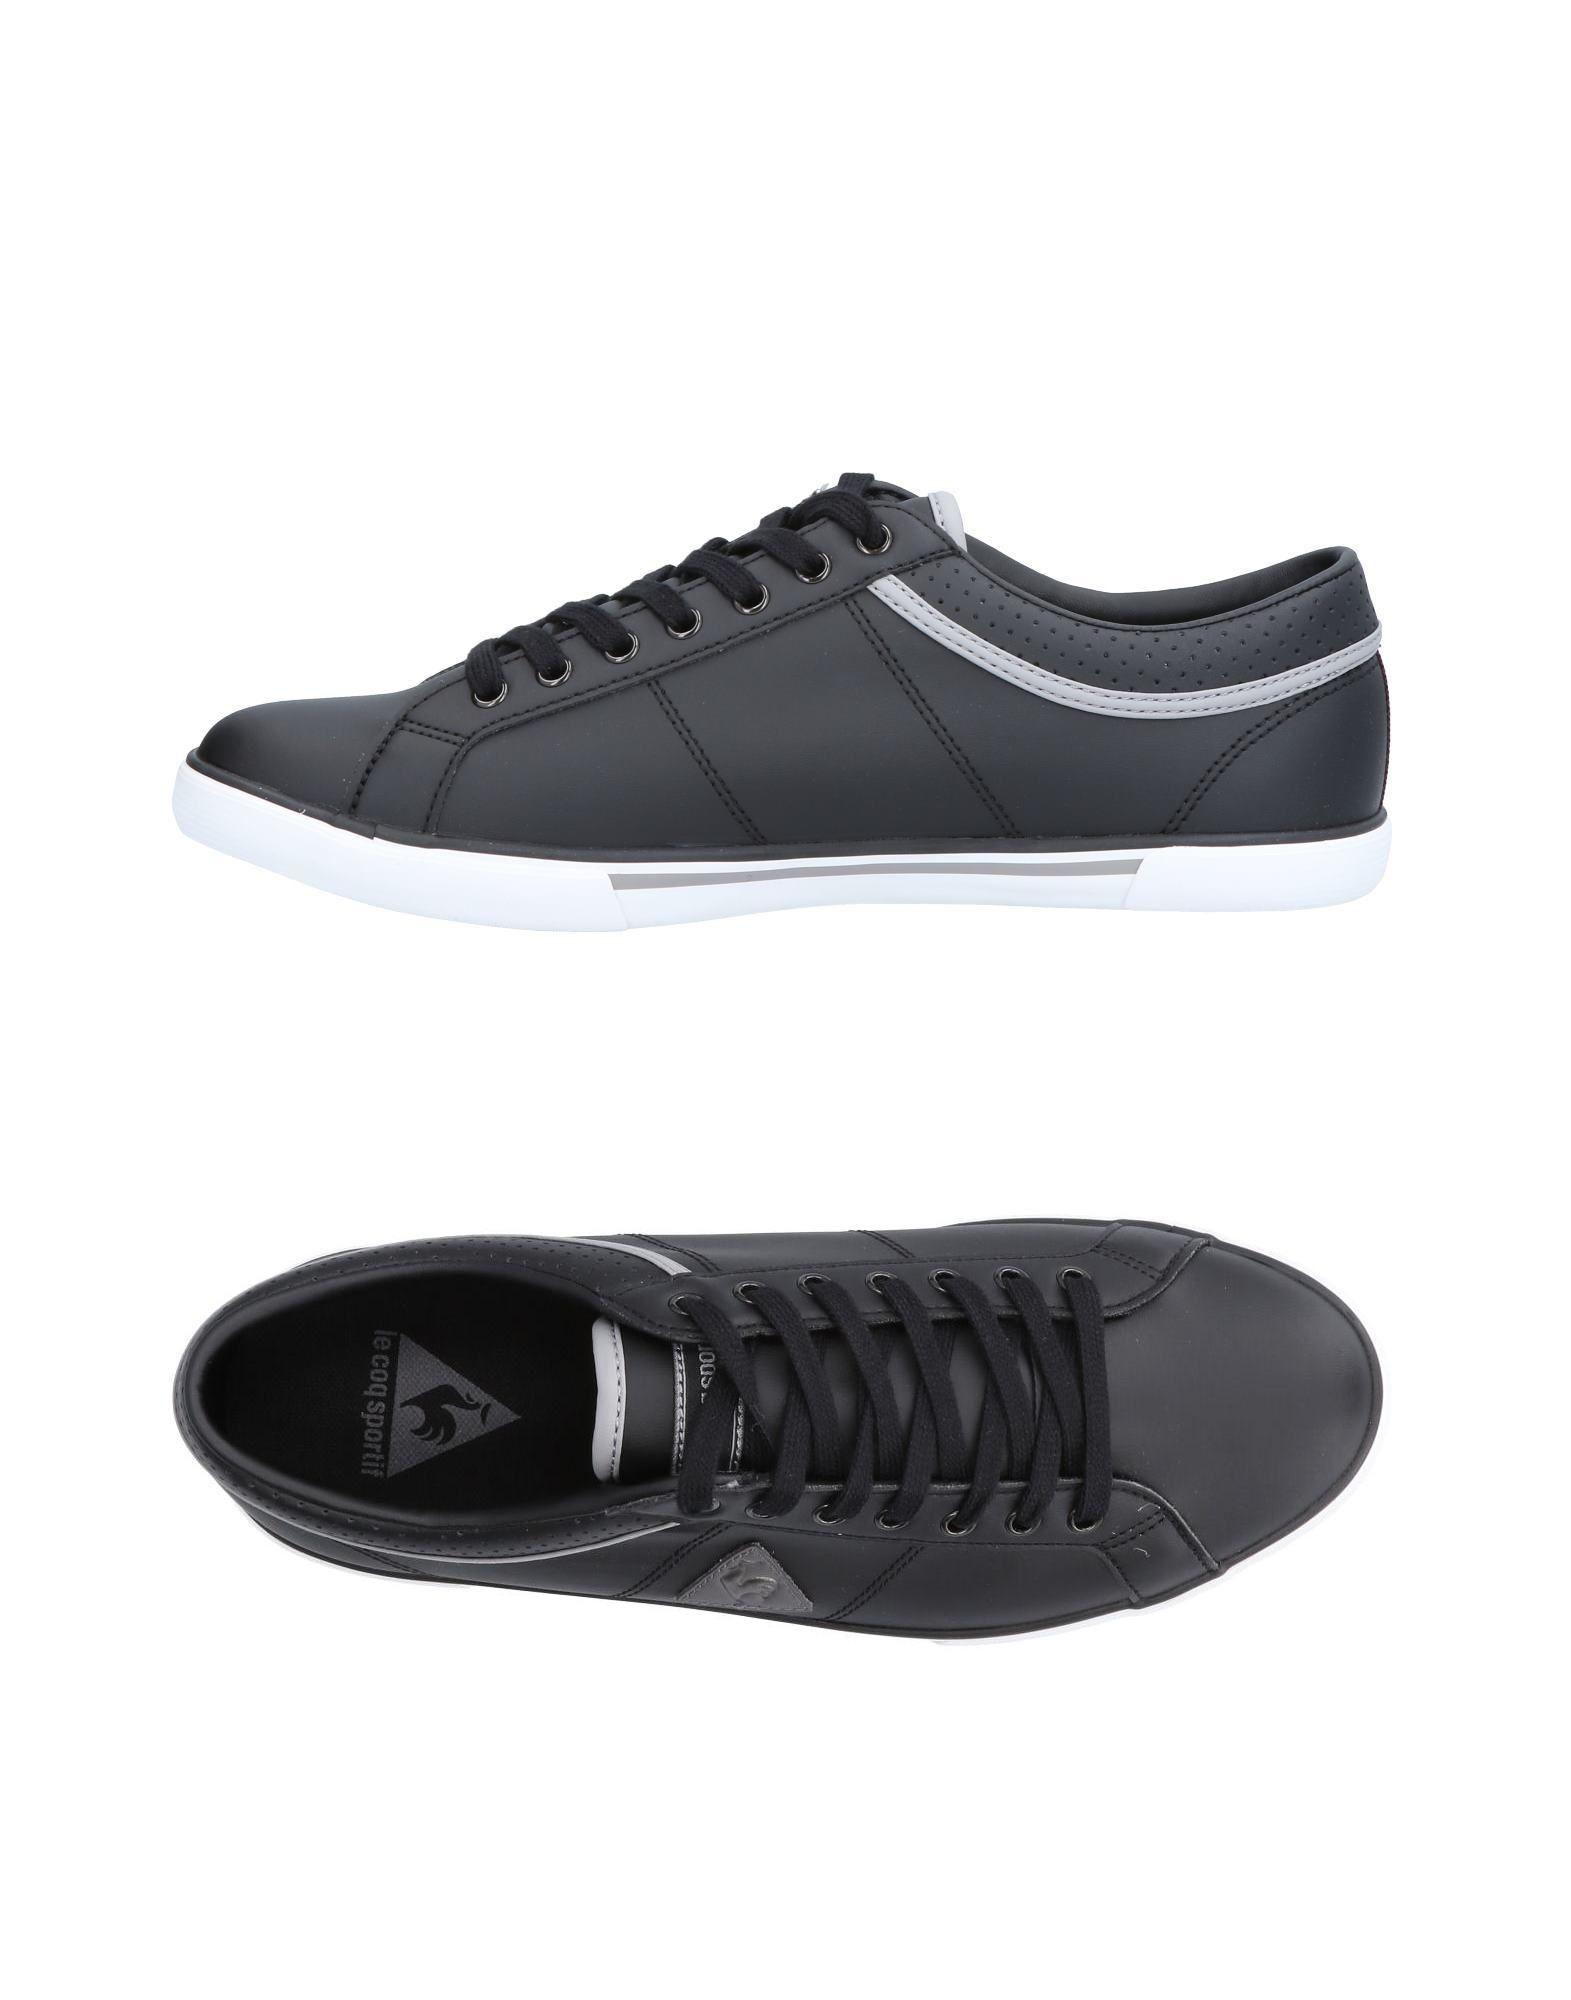 Rabatt echte Schuhe Le Coq Sportif Sneakers Herren  11497375CG